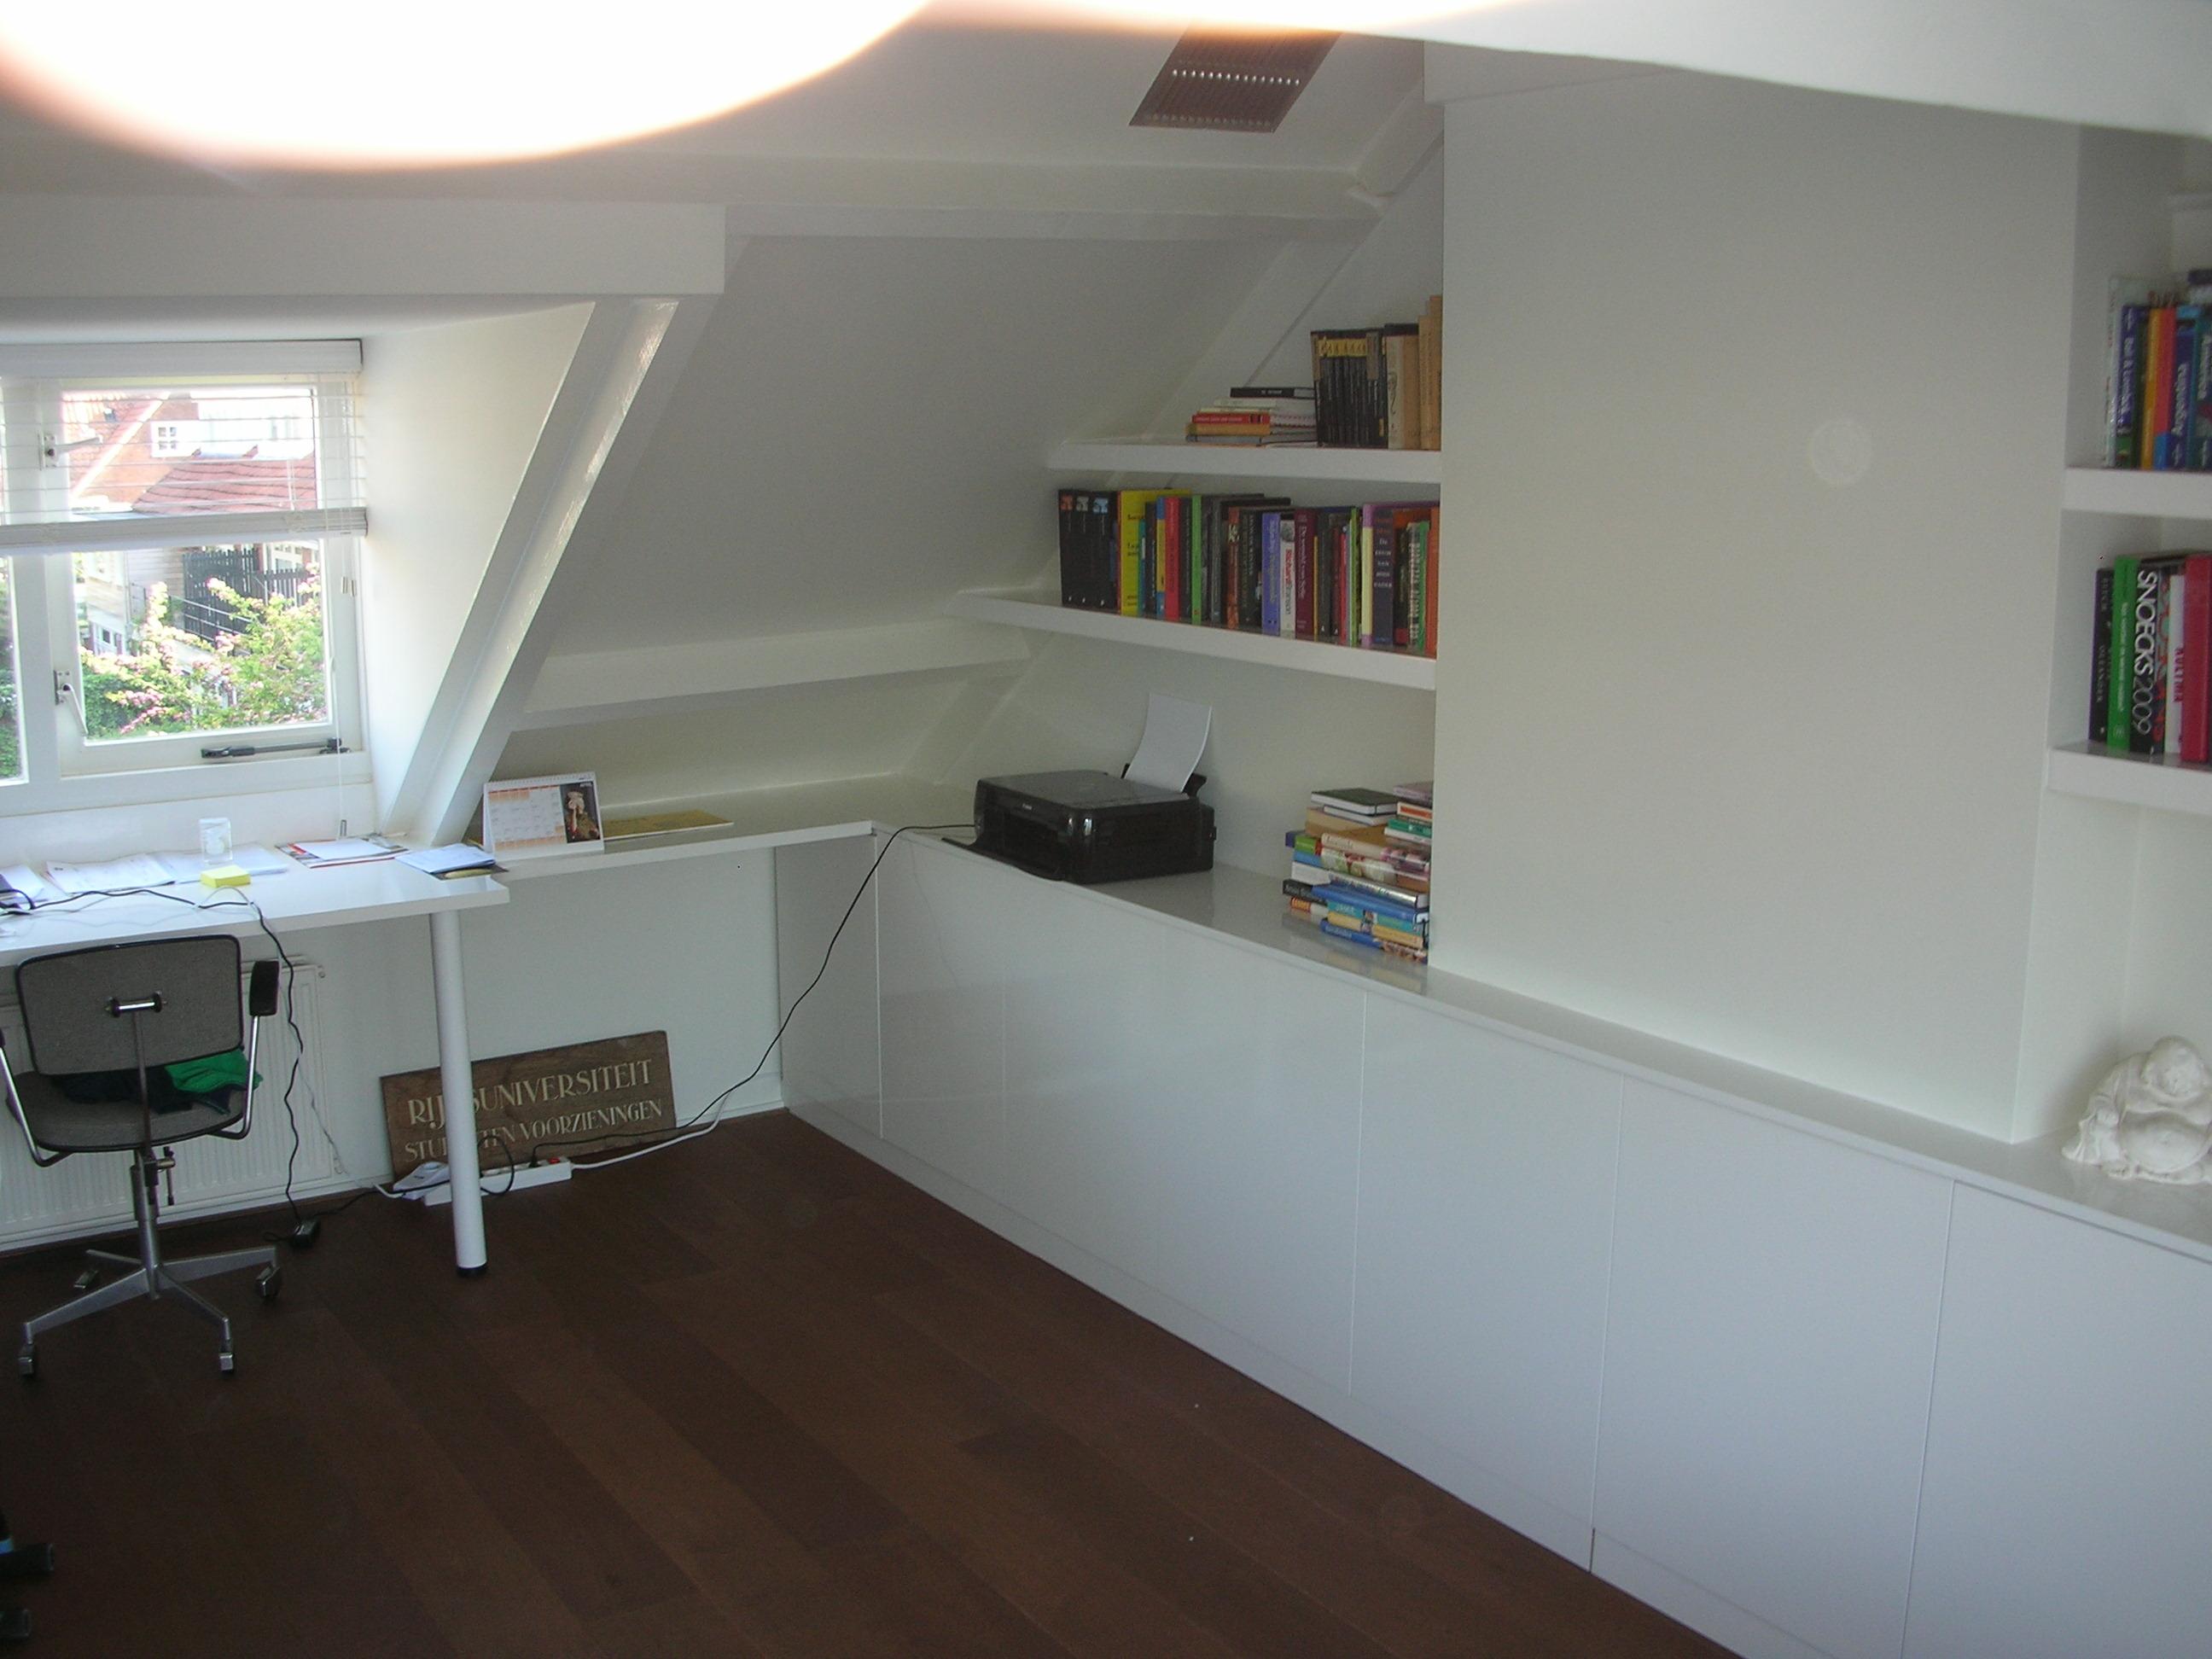 Kast Met Planken : Kast met planken en bureau op zolder totaal meubelmakerij van diemen